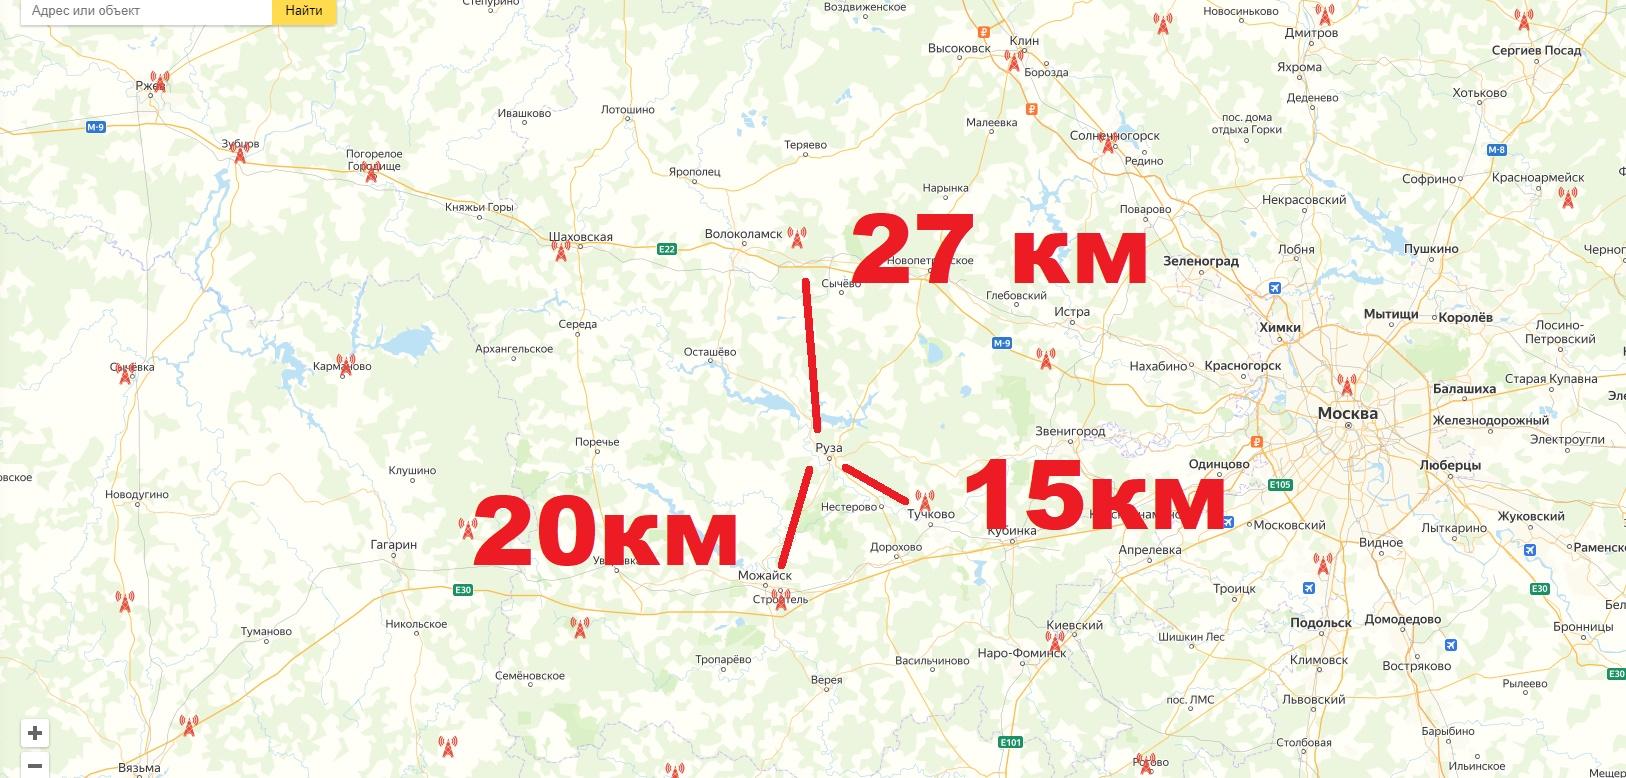 Куда направлять антенну для приема цифрового телевидения в Московской области